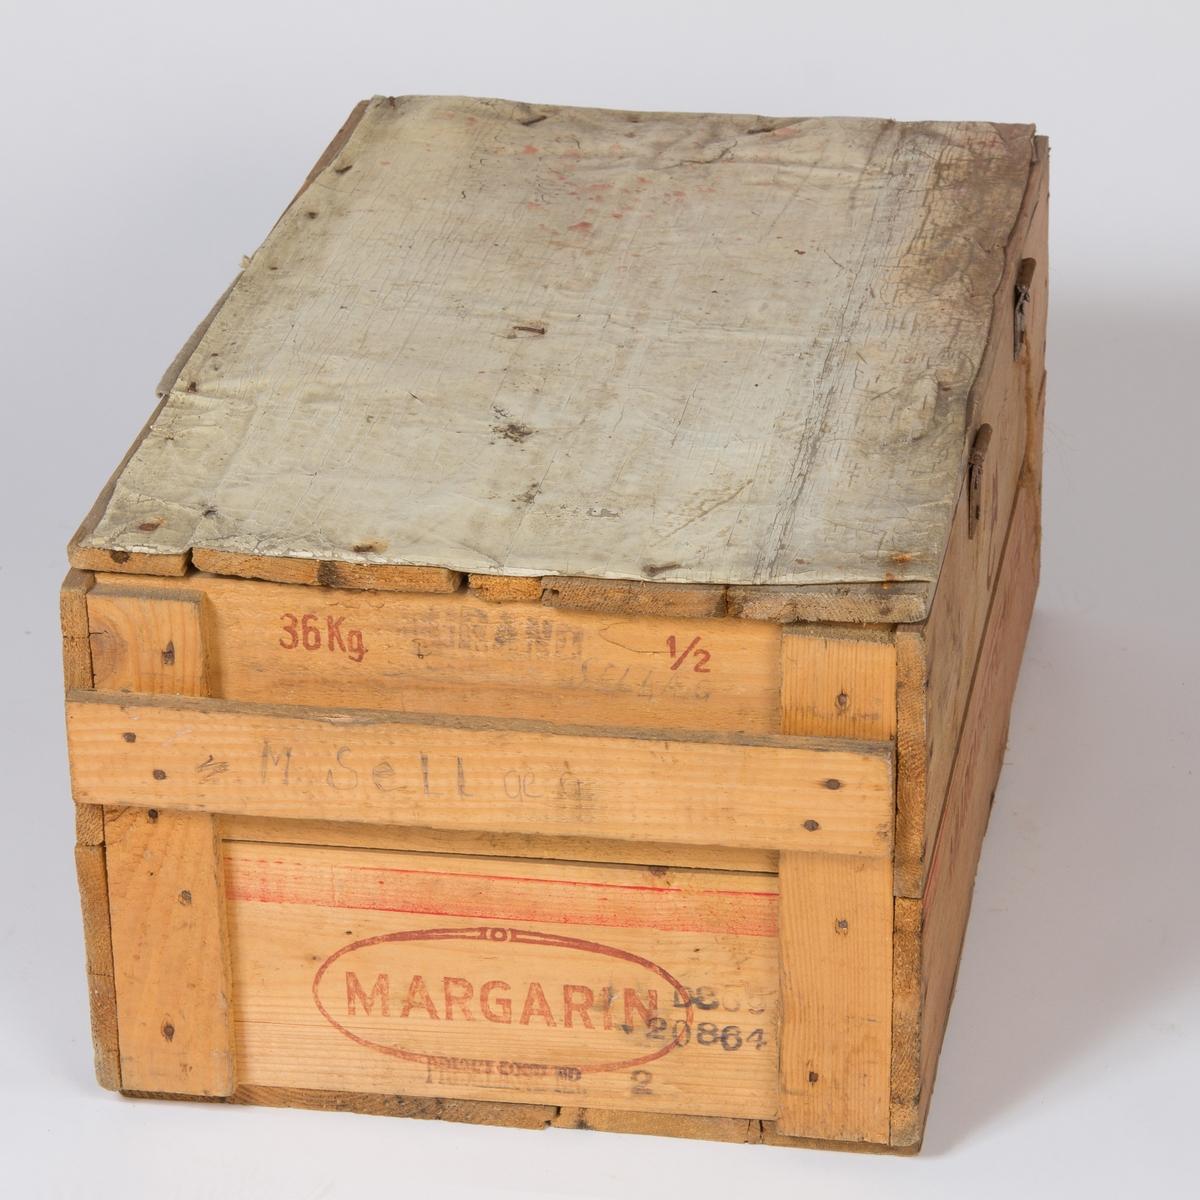 En margarinkasse fra  AS Margarincentralen Harstad med et hengslet lokk med slå i front slik at kassen kan låses med hengelås. Lokket er kledd med et voksduklignende materiale utvendig. Antagelig brukt sekendært til transportkasse/reisekasse